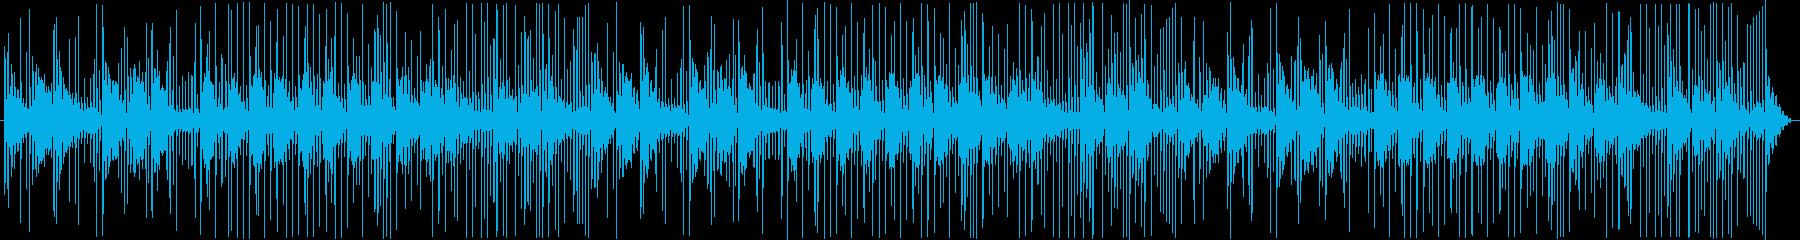 低エレクトリックピアノ、トライアン...の再生済みの波形